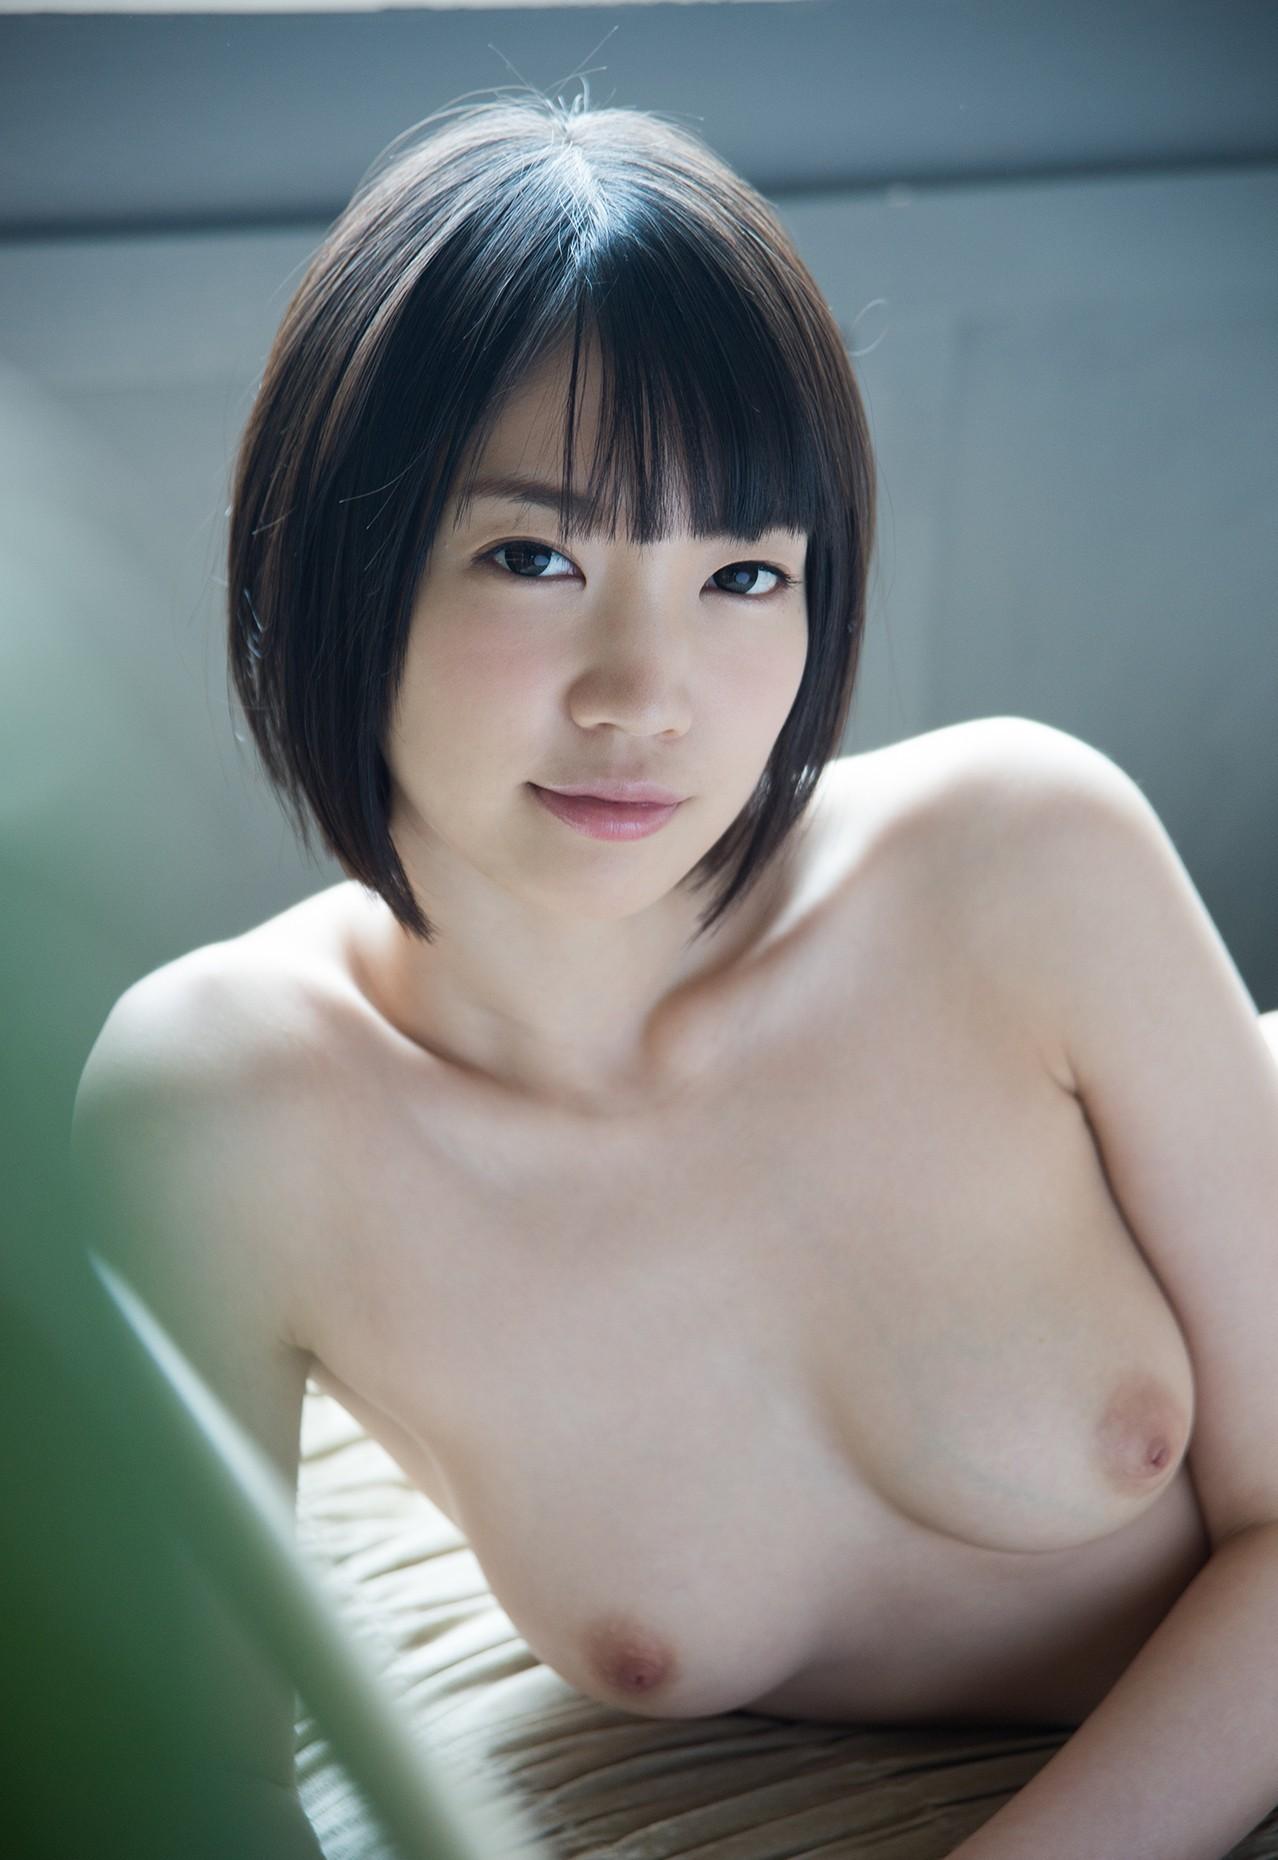 清純美少女おっぱいエロ画像。詳細は以下に記載します。